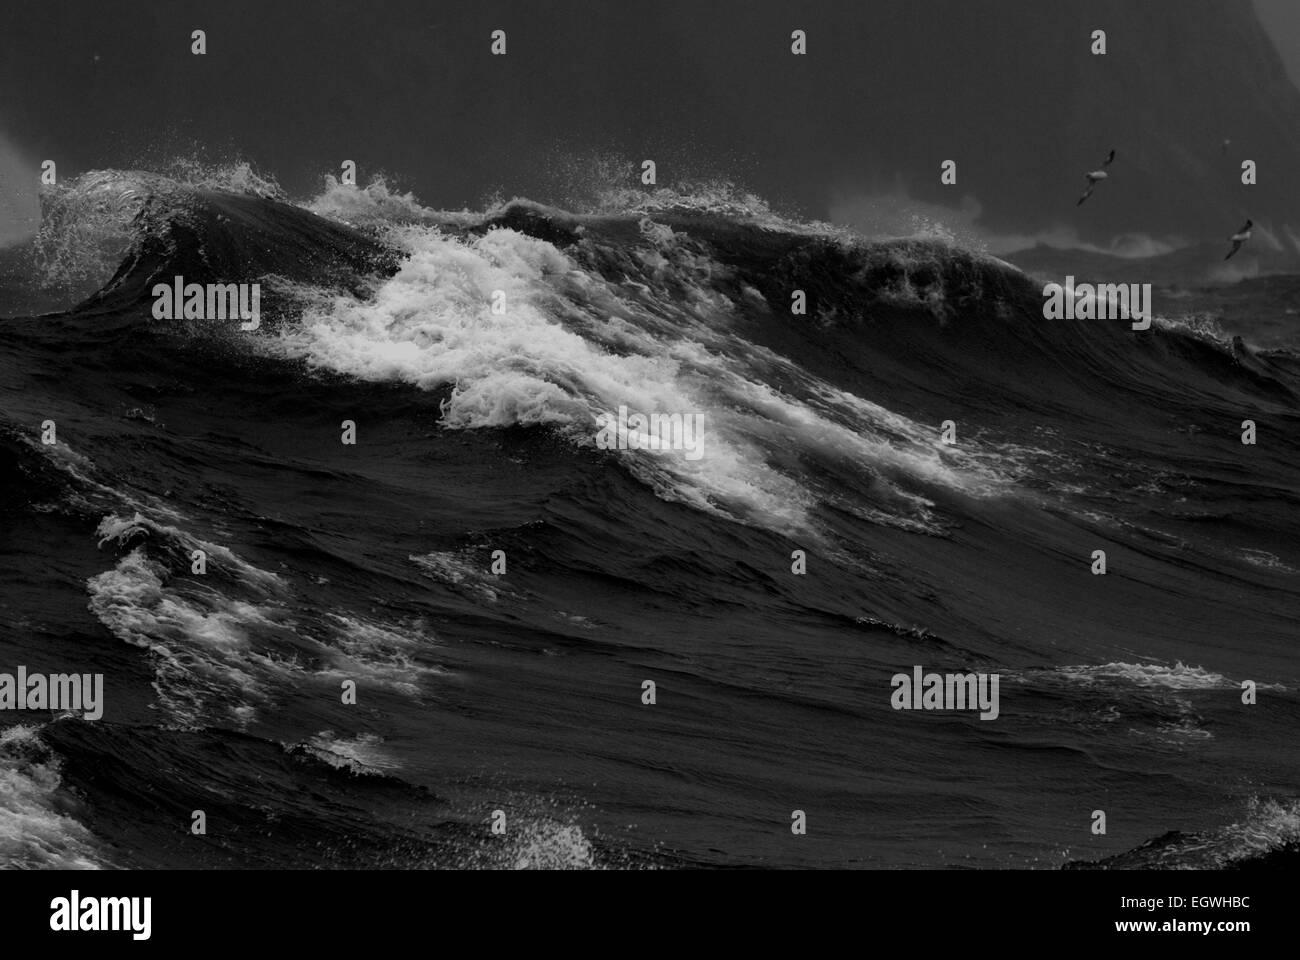 Large waves off St Kilda, Outer Hebrides, West Scotland. - Stock Image